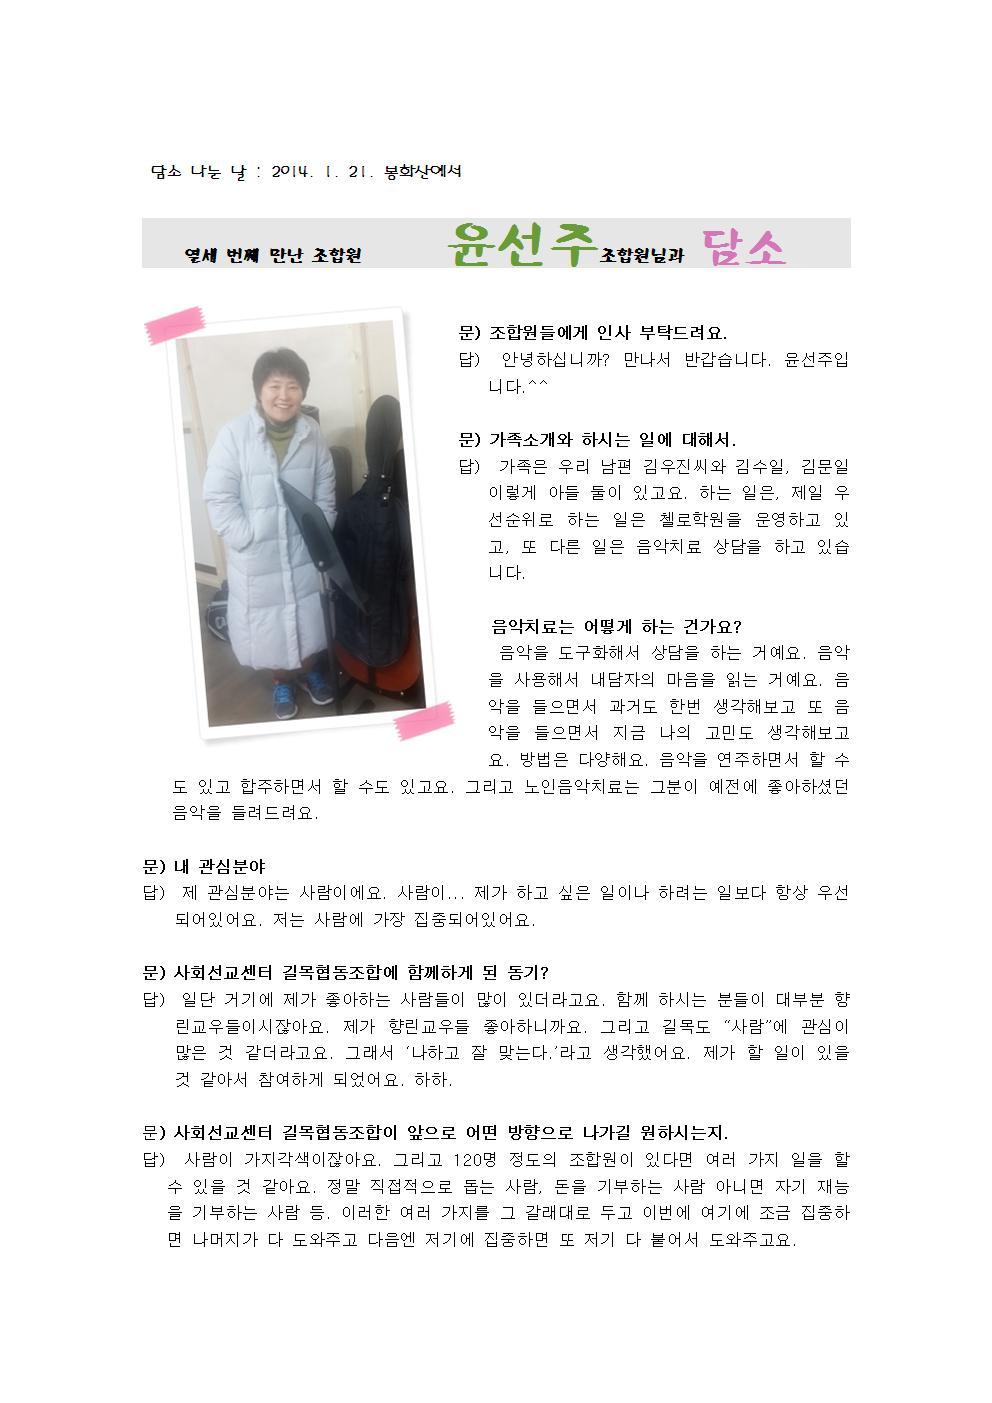 윤선주 조합원님과 담소001.jpg